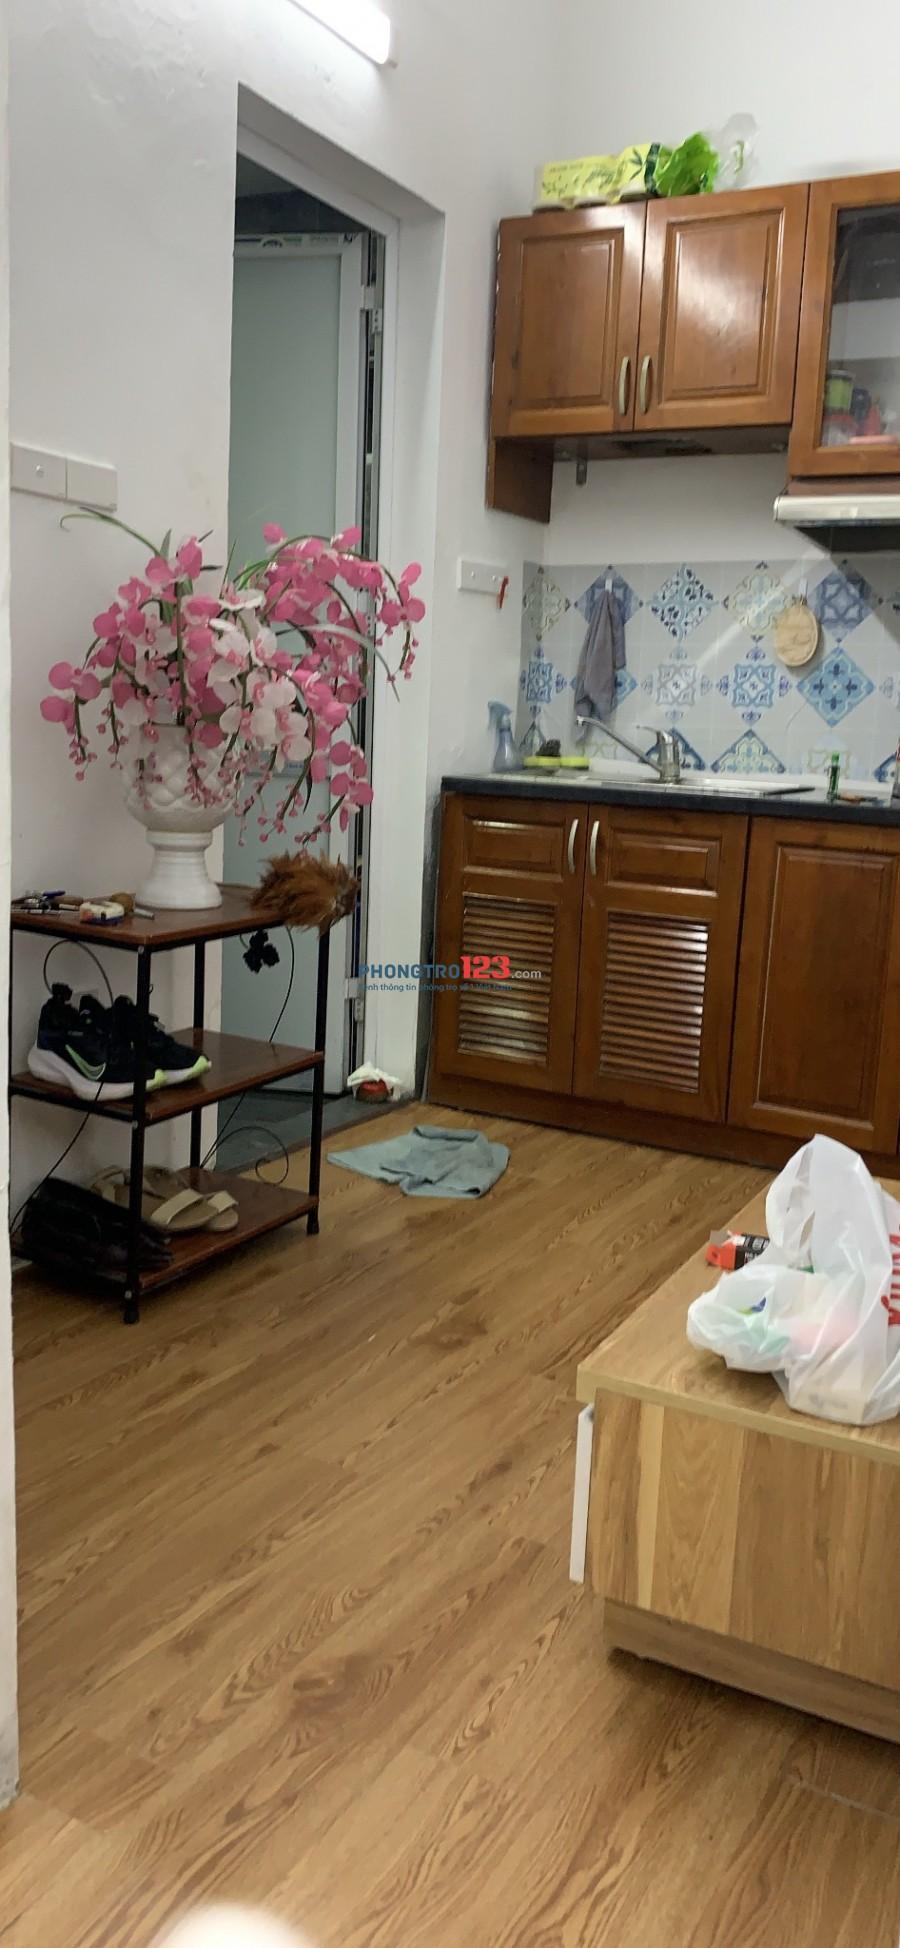 Cho thuê phòng đầy đủ đồ, khép kín, cổng khoá từ tại Cầu Gỗ, Hoàn Kiếm, cách Hồ Gươm 100m